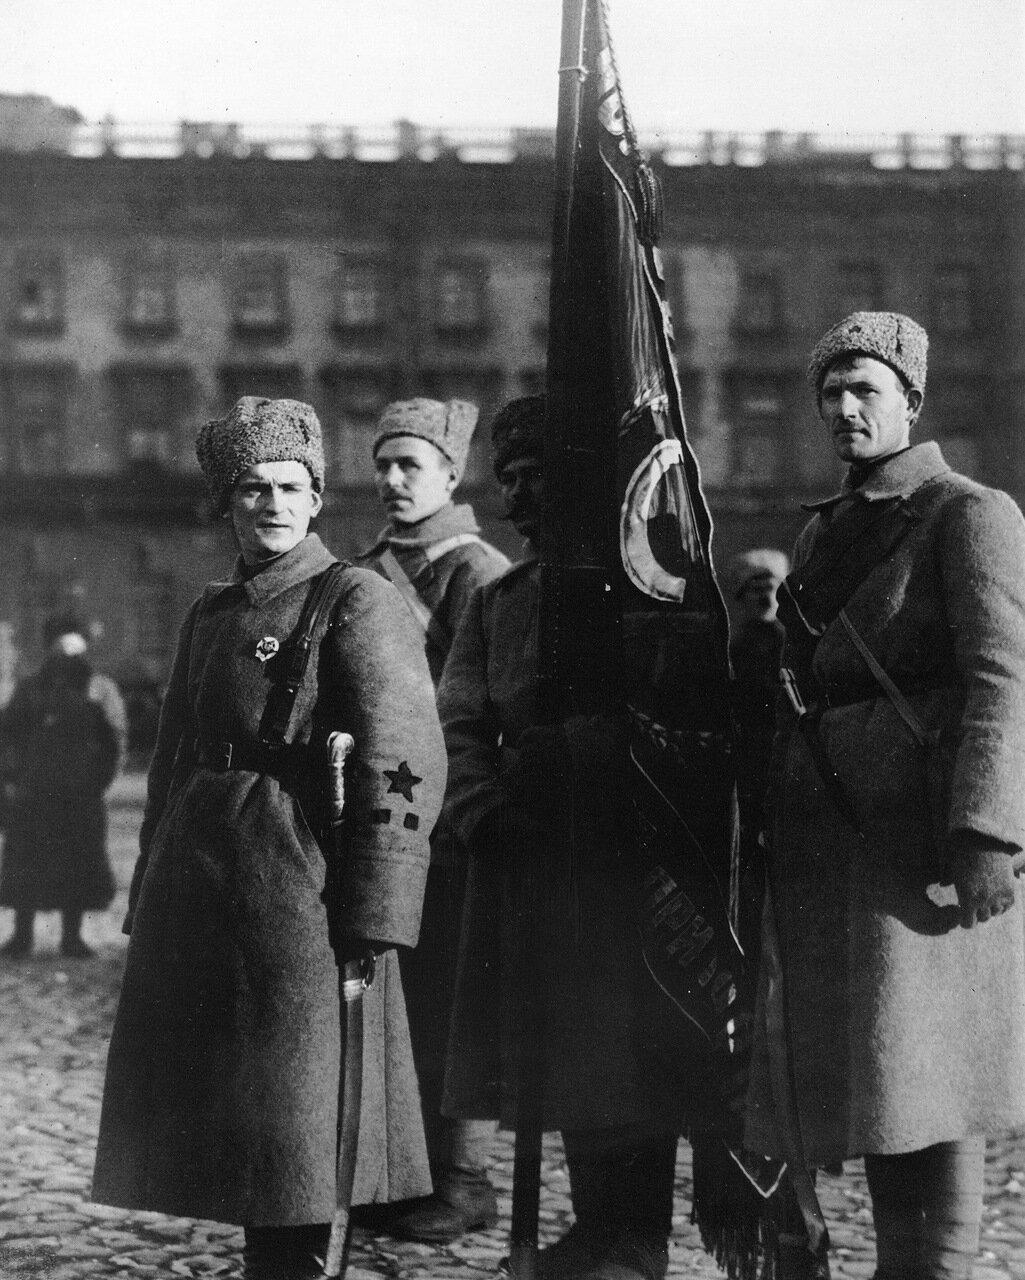 Выпускники курсов командиров Красной Армии.Петроград.1919 год.